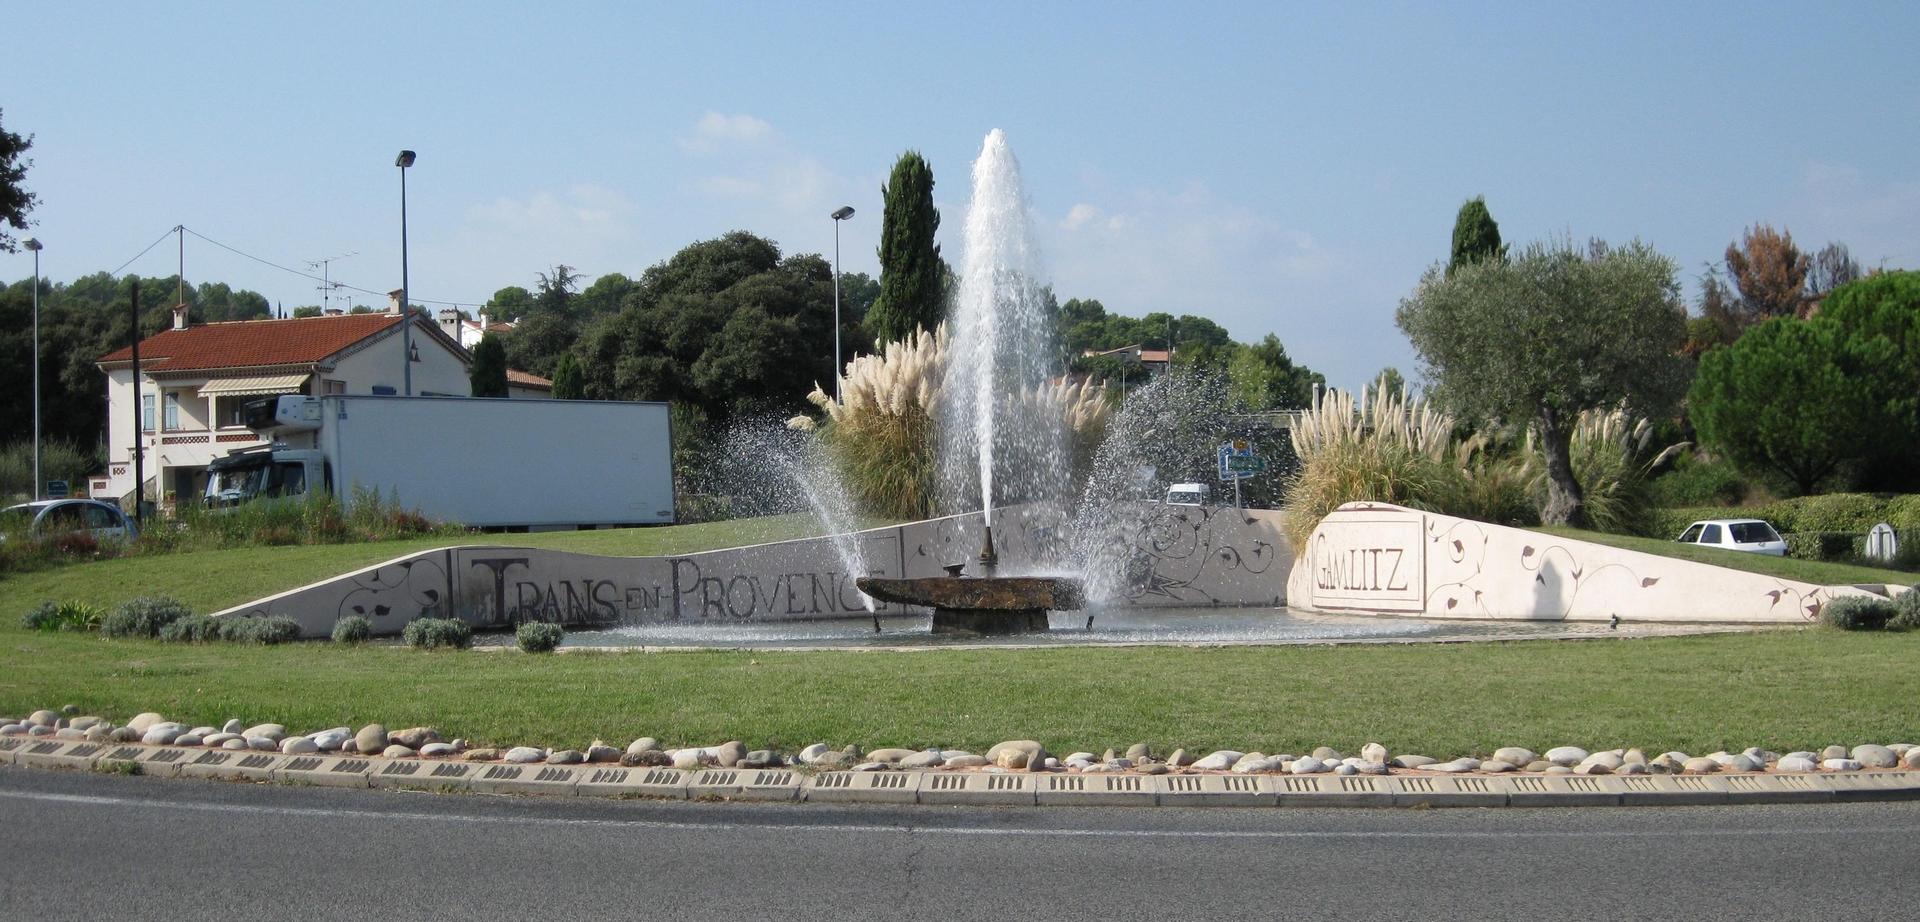 Rond-point Gamlitz à l'entrée de Trans en Provence